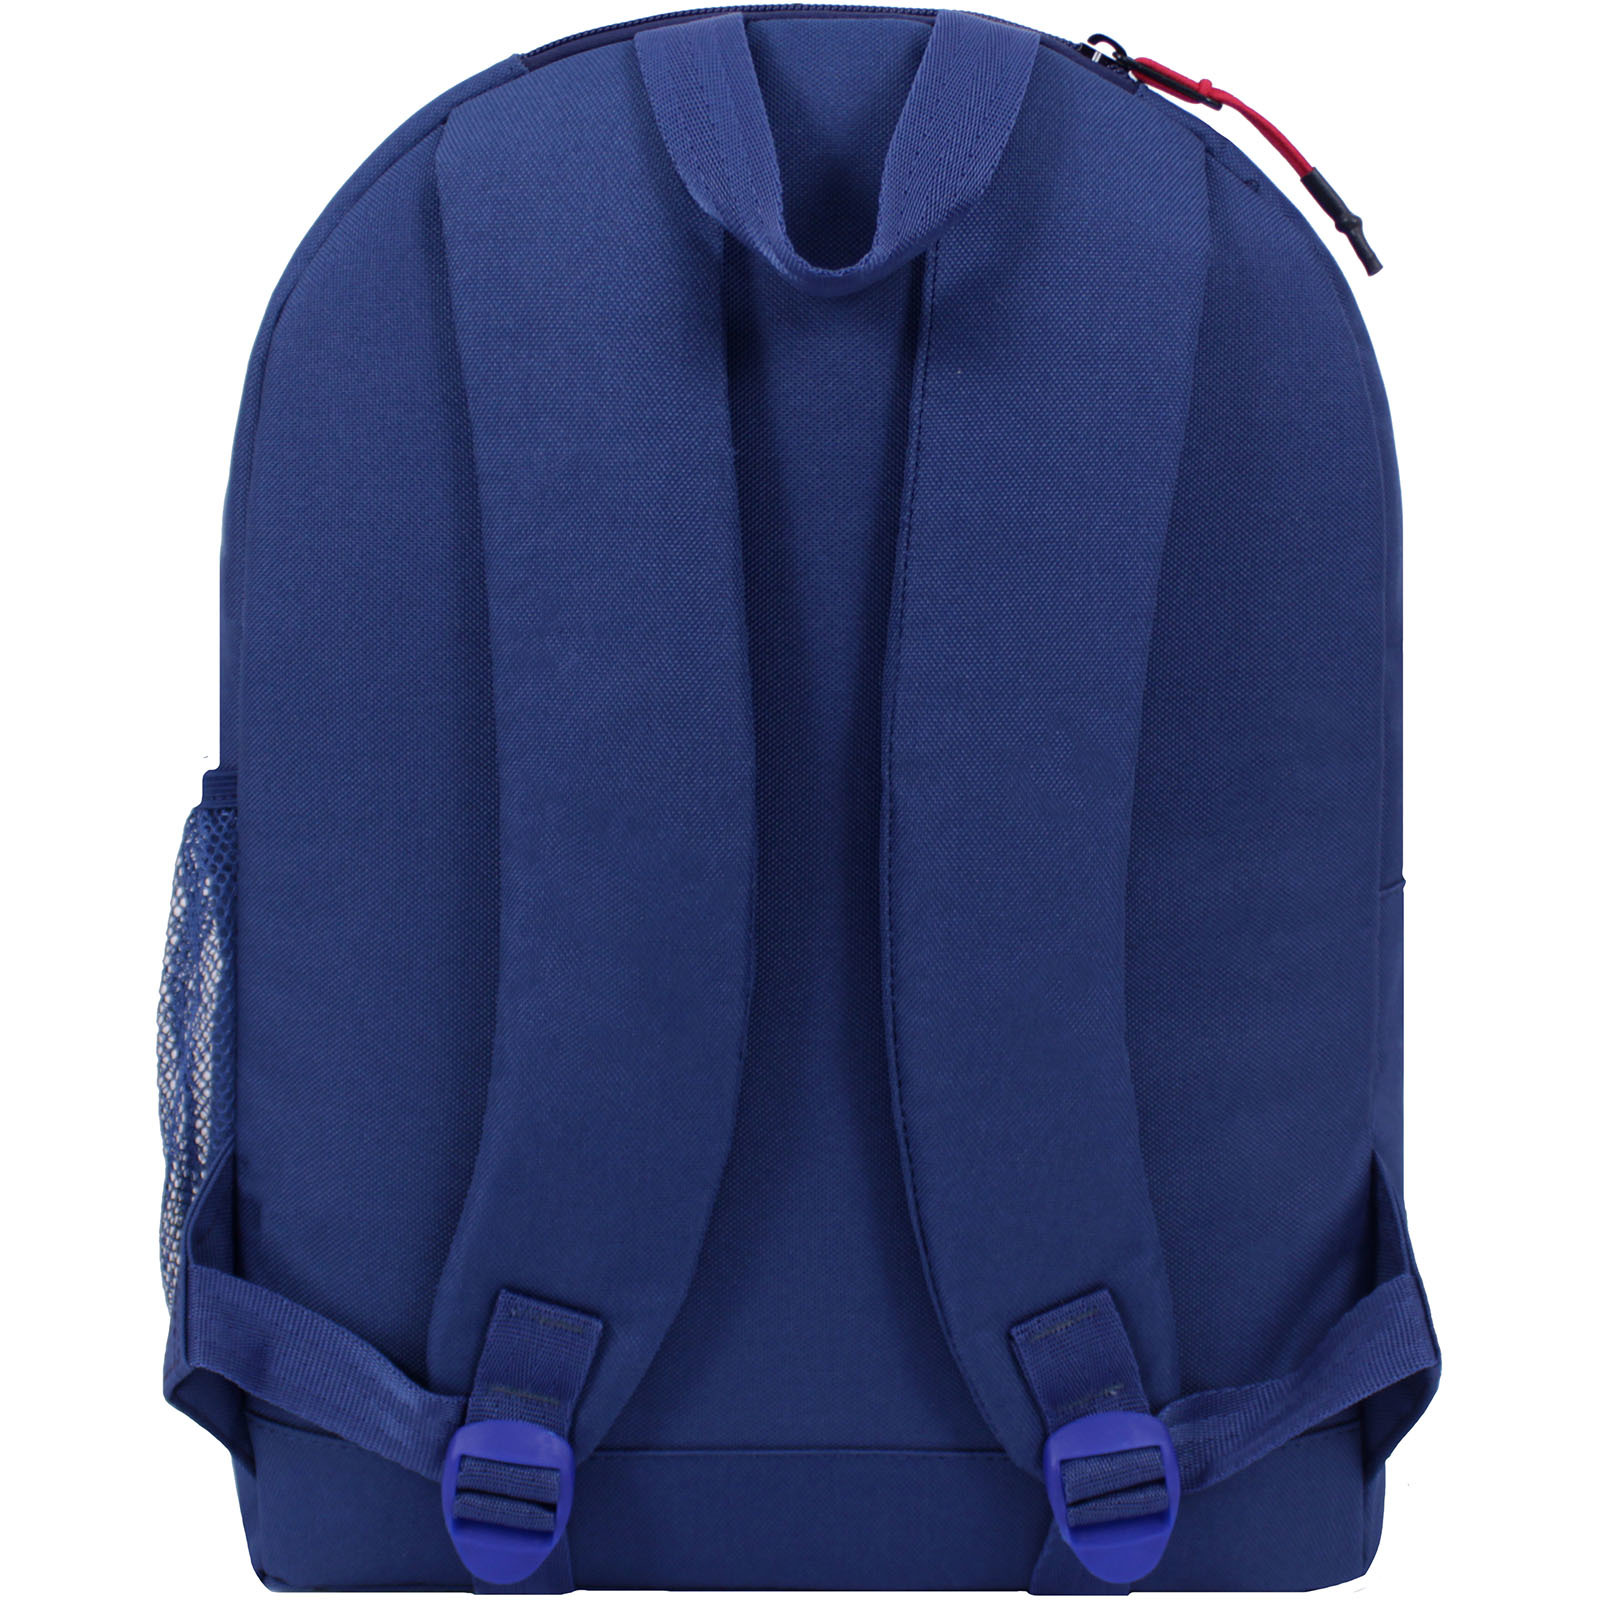 Рюкзак Bagland Hood W/R 17 л. синий 453 (0054466) фото 3